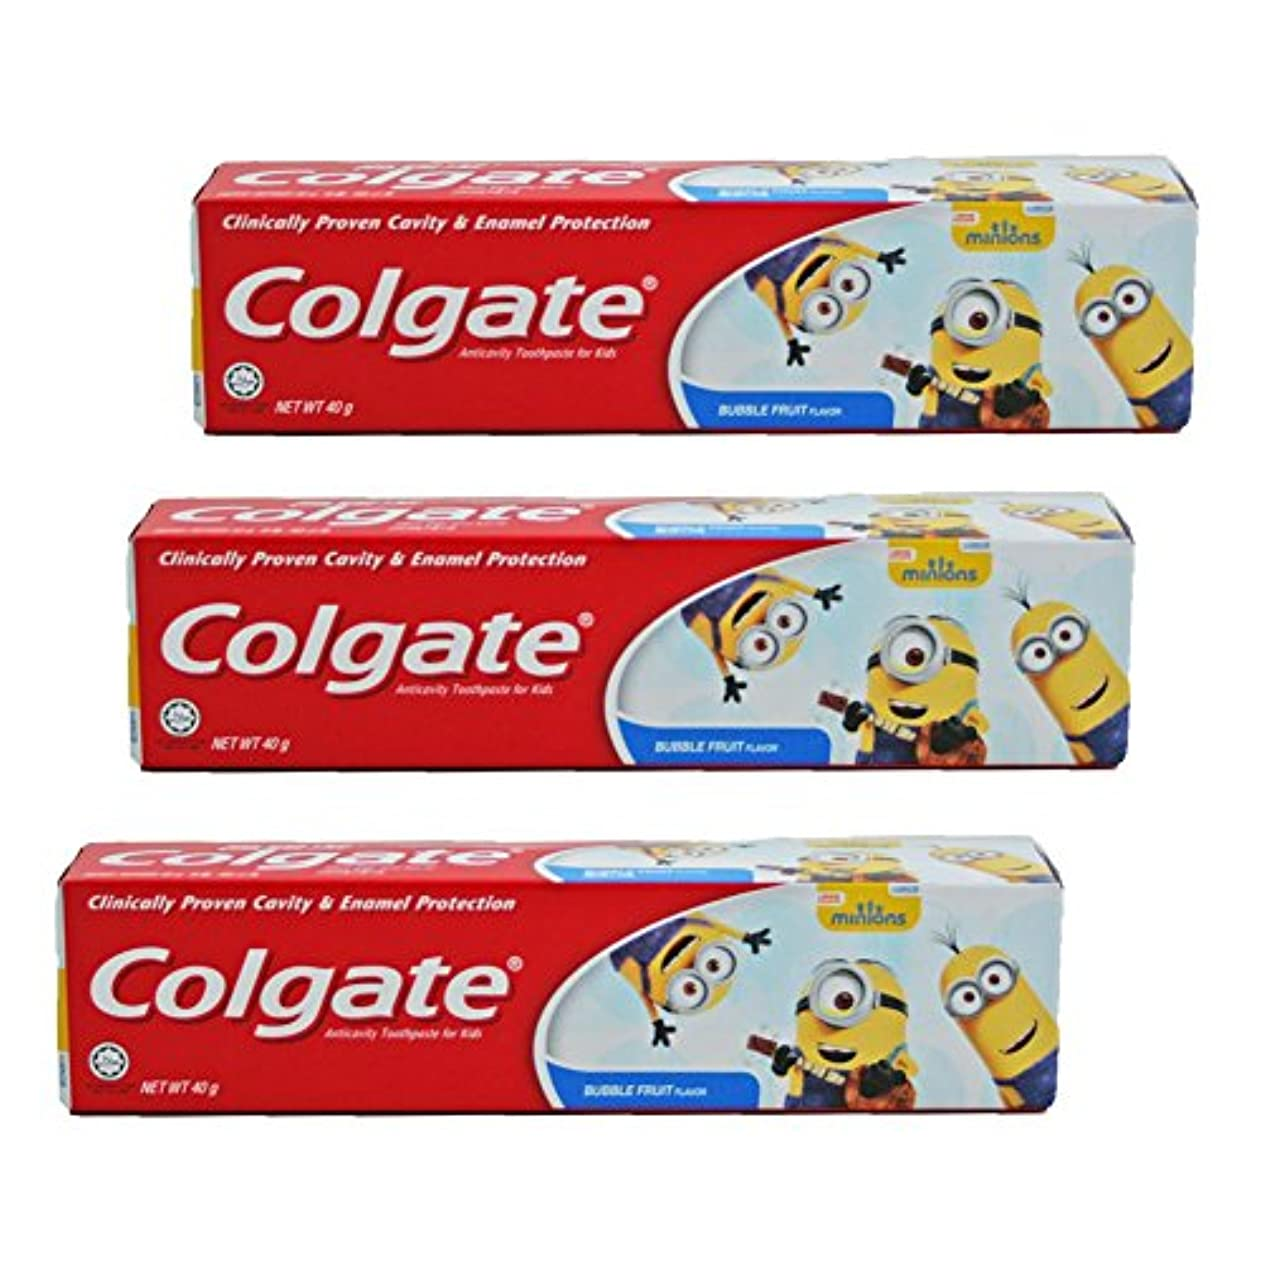 誰のプランテーション毒液コルゲート Colgate 子供用 Kids-BUBBLE FRUIT FLAVOR (ミニオン, 40g) 3個セット [並行輸入品]